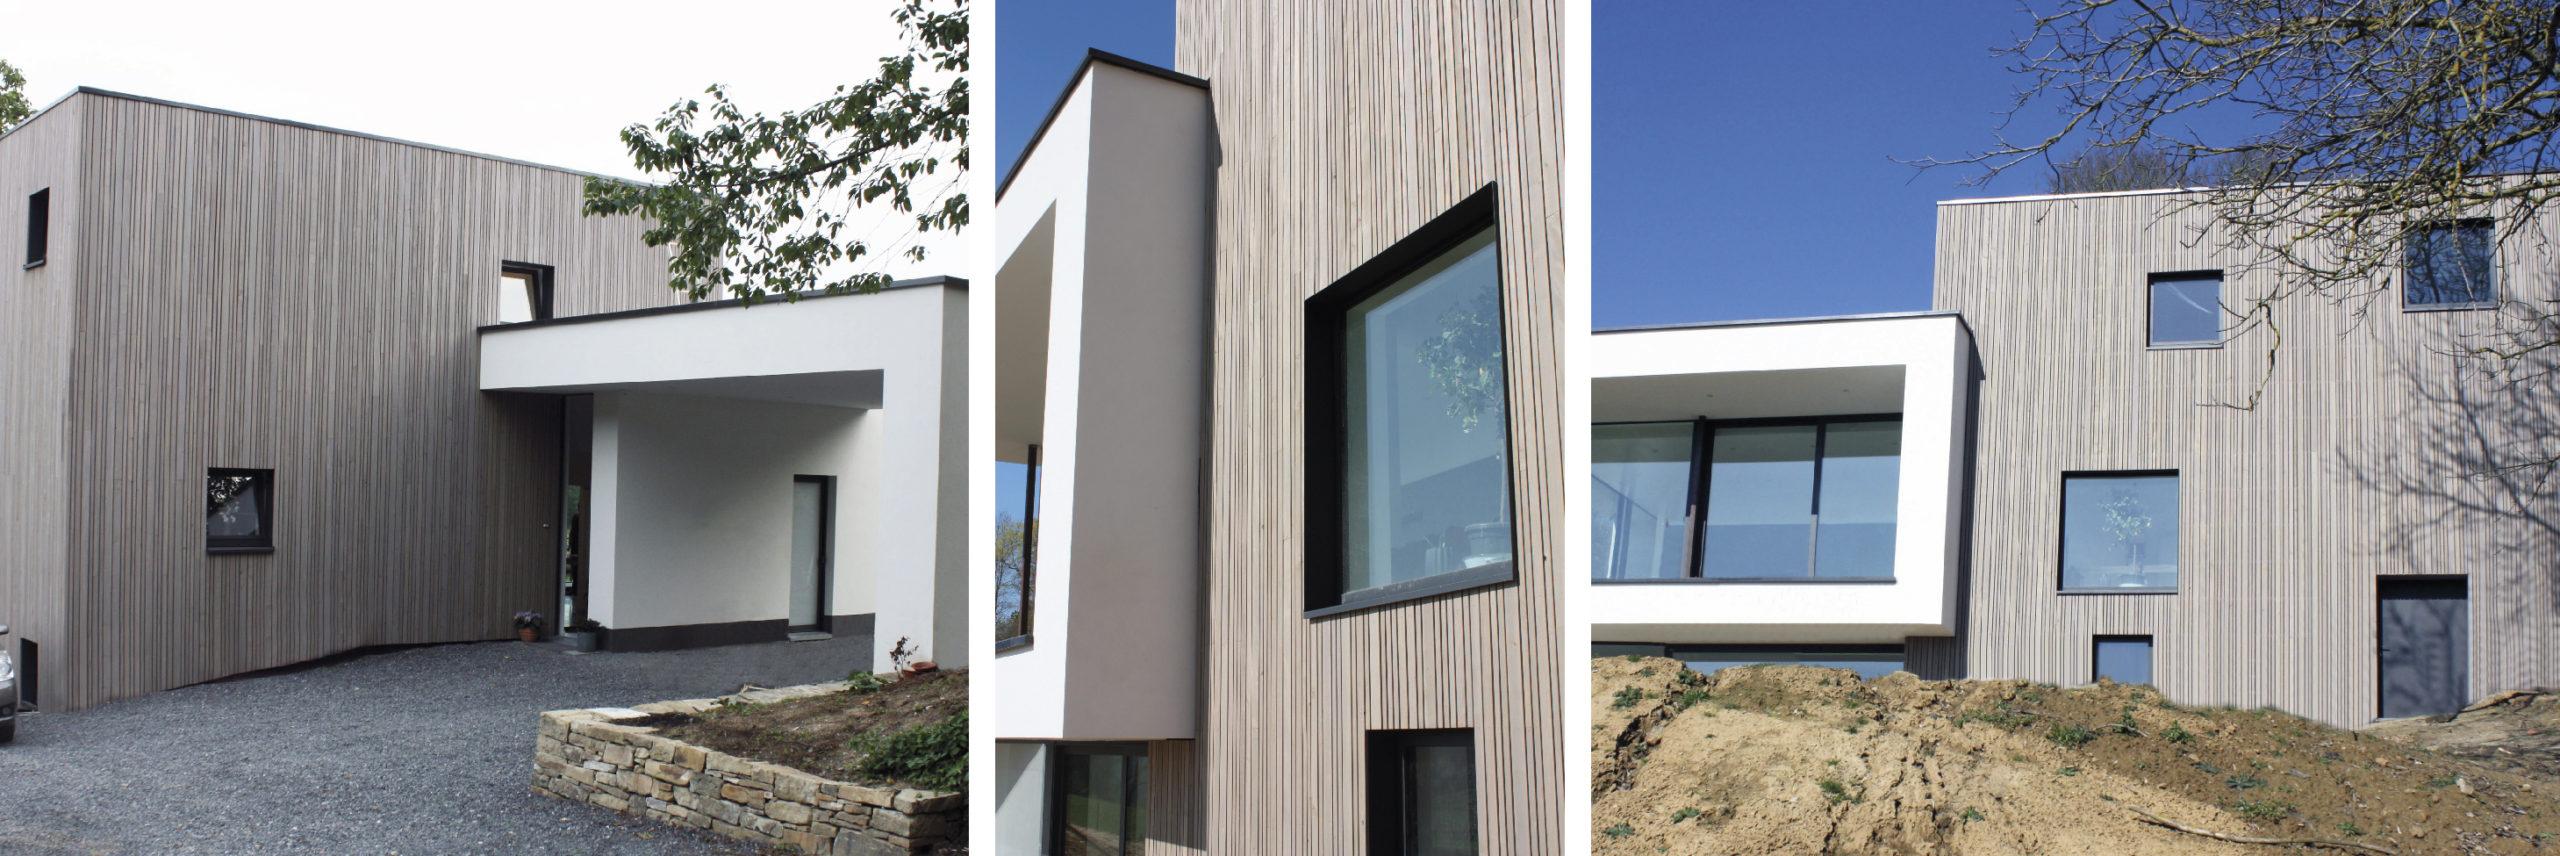 Dura Sidings bietet Ihnen eine grosse Auswahl an Profilen. Stellen Sie so Ihr eigenes Design für Ihre Holzfassade zusammen. Hier bei diesem Einfamilienhaus (Ref.: 118015) wurde mit drei Breiten gearbeitet.  Produkt: Dura Patina, Deckleiste, Selekt, 21x40/21x65/21x90mm, lavagrau. Architekturbüro: ACMIA